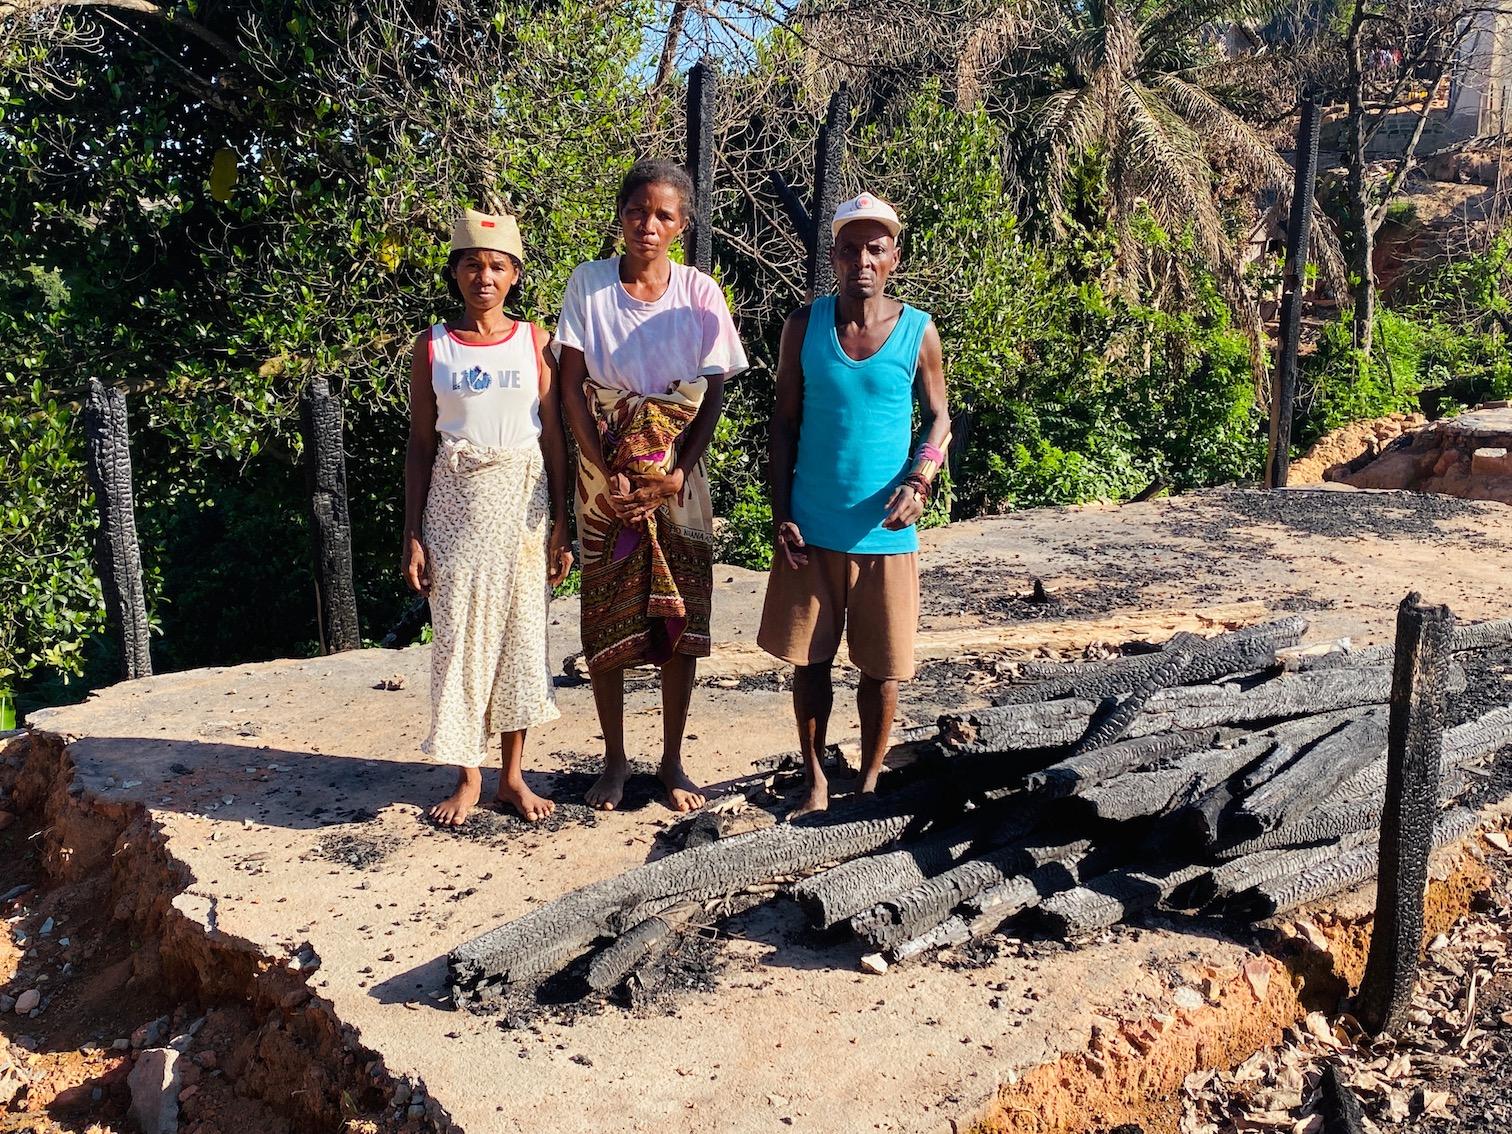 Bilde: Brannofre på en av branntomtene i Ankaramalaza. Baoloujy lengst til venstre. Magy lengst til høyre, og hans kone i midten.